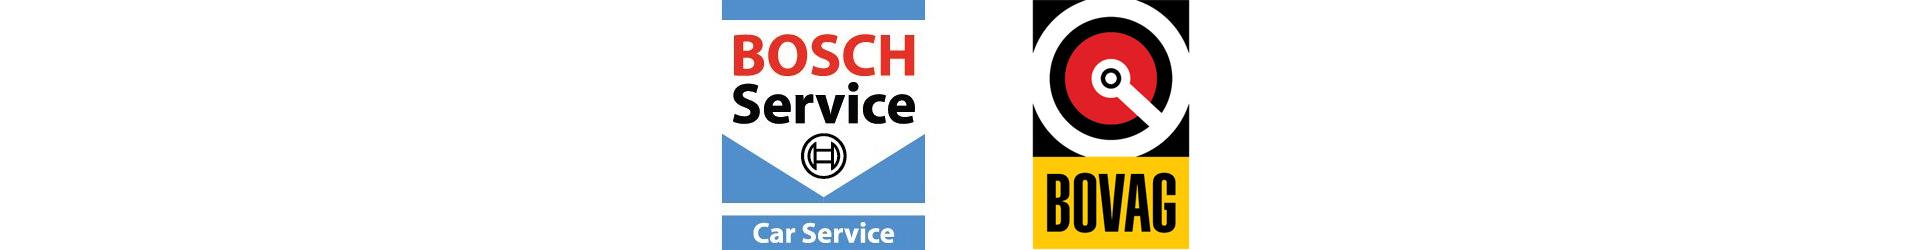 Bosch Bovag